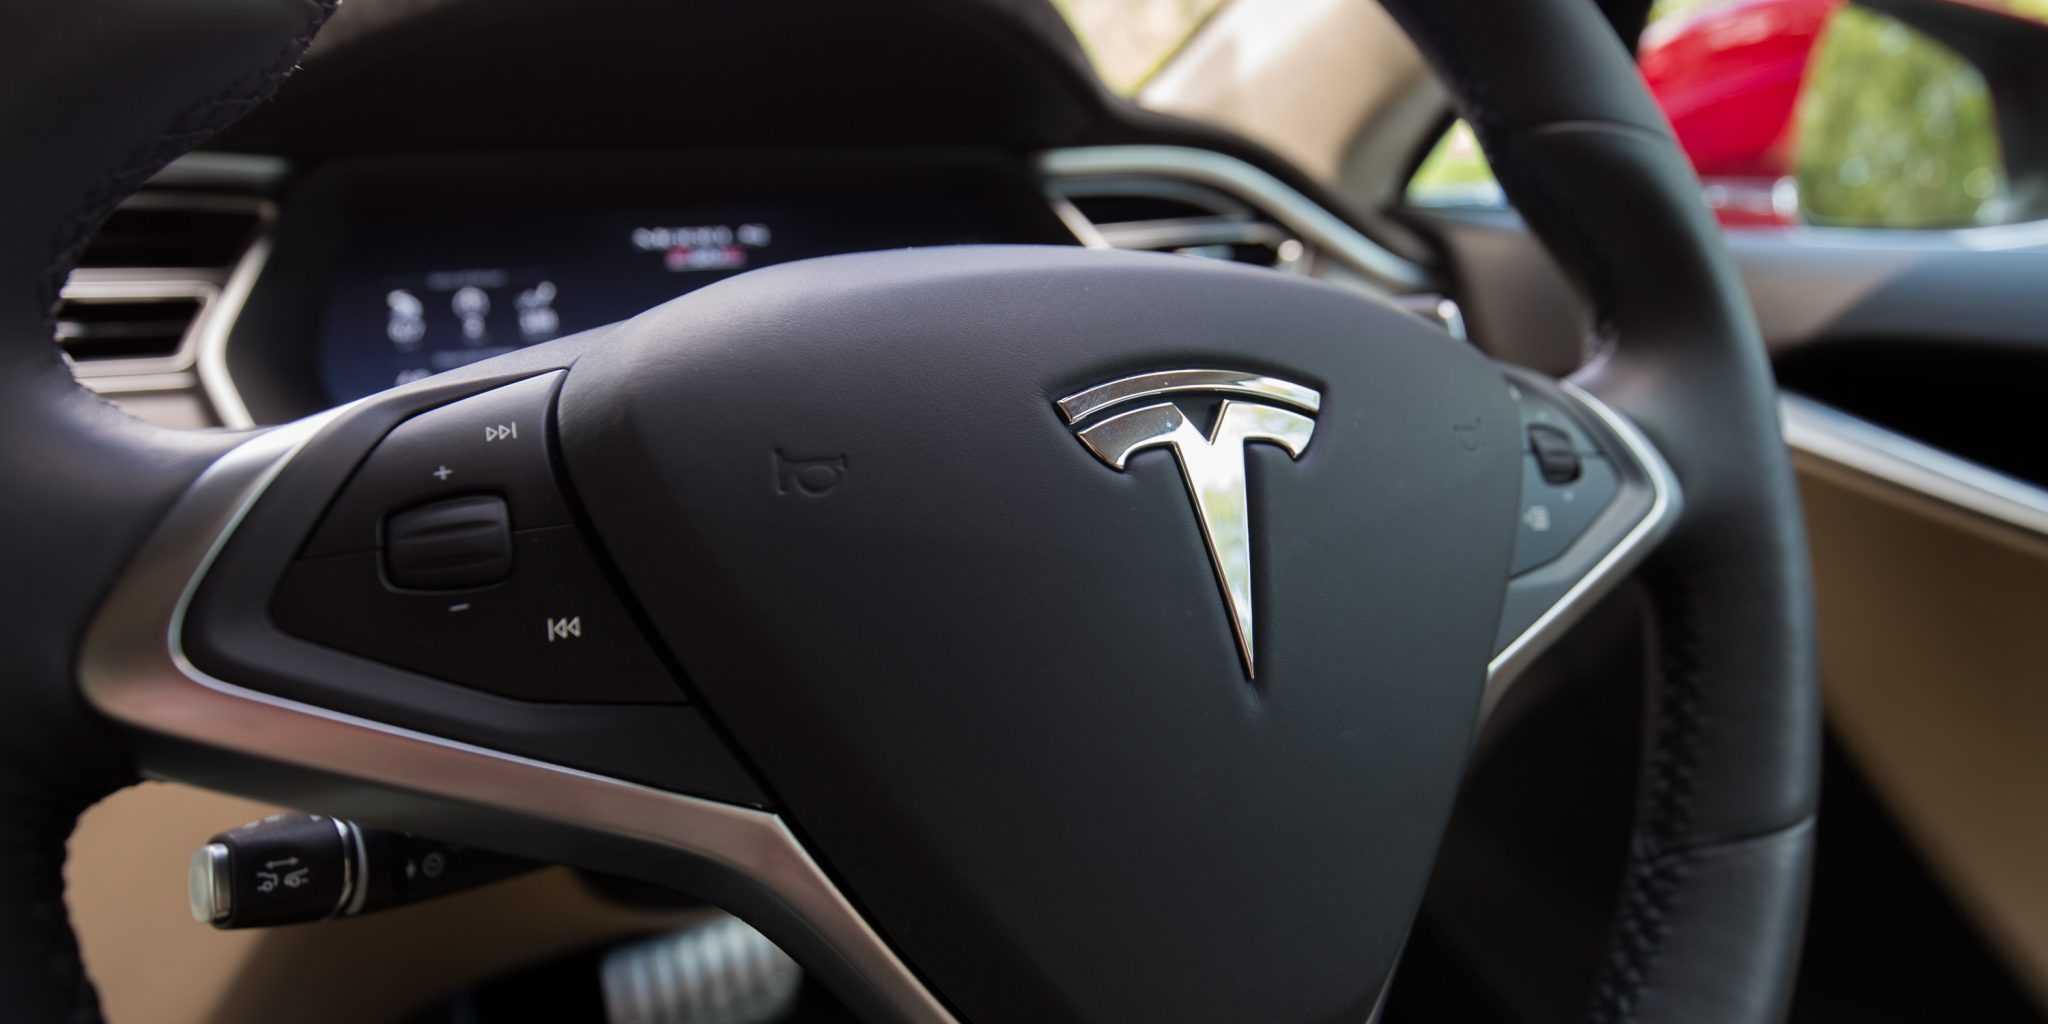 Tesla Video Reveals How Autopilot 2.0 Works and Autonomous Cars Sees the World